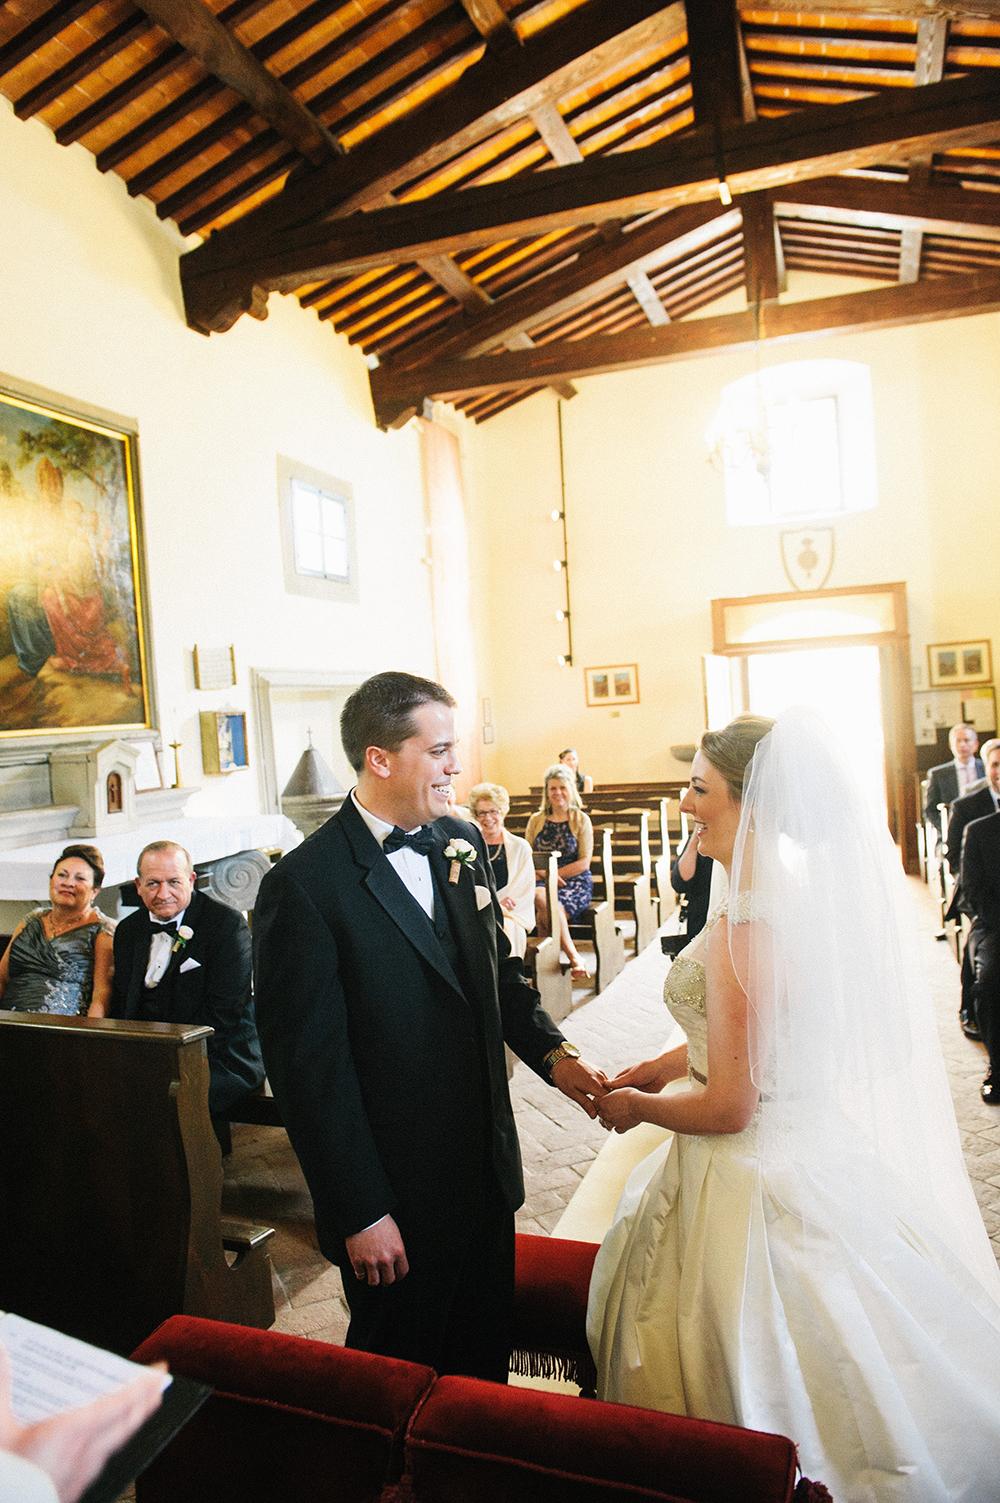 cindysalgado.com | Arezzo Italy Wedding Planning | Cindy Salgado Events and Design | Julian Kanz Photography | Destination Weddings in Italy